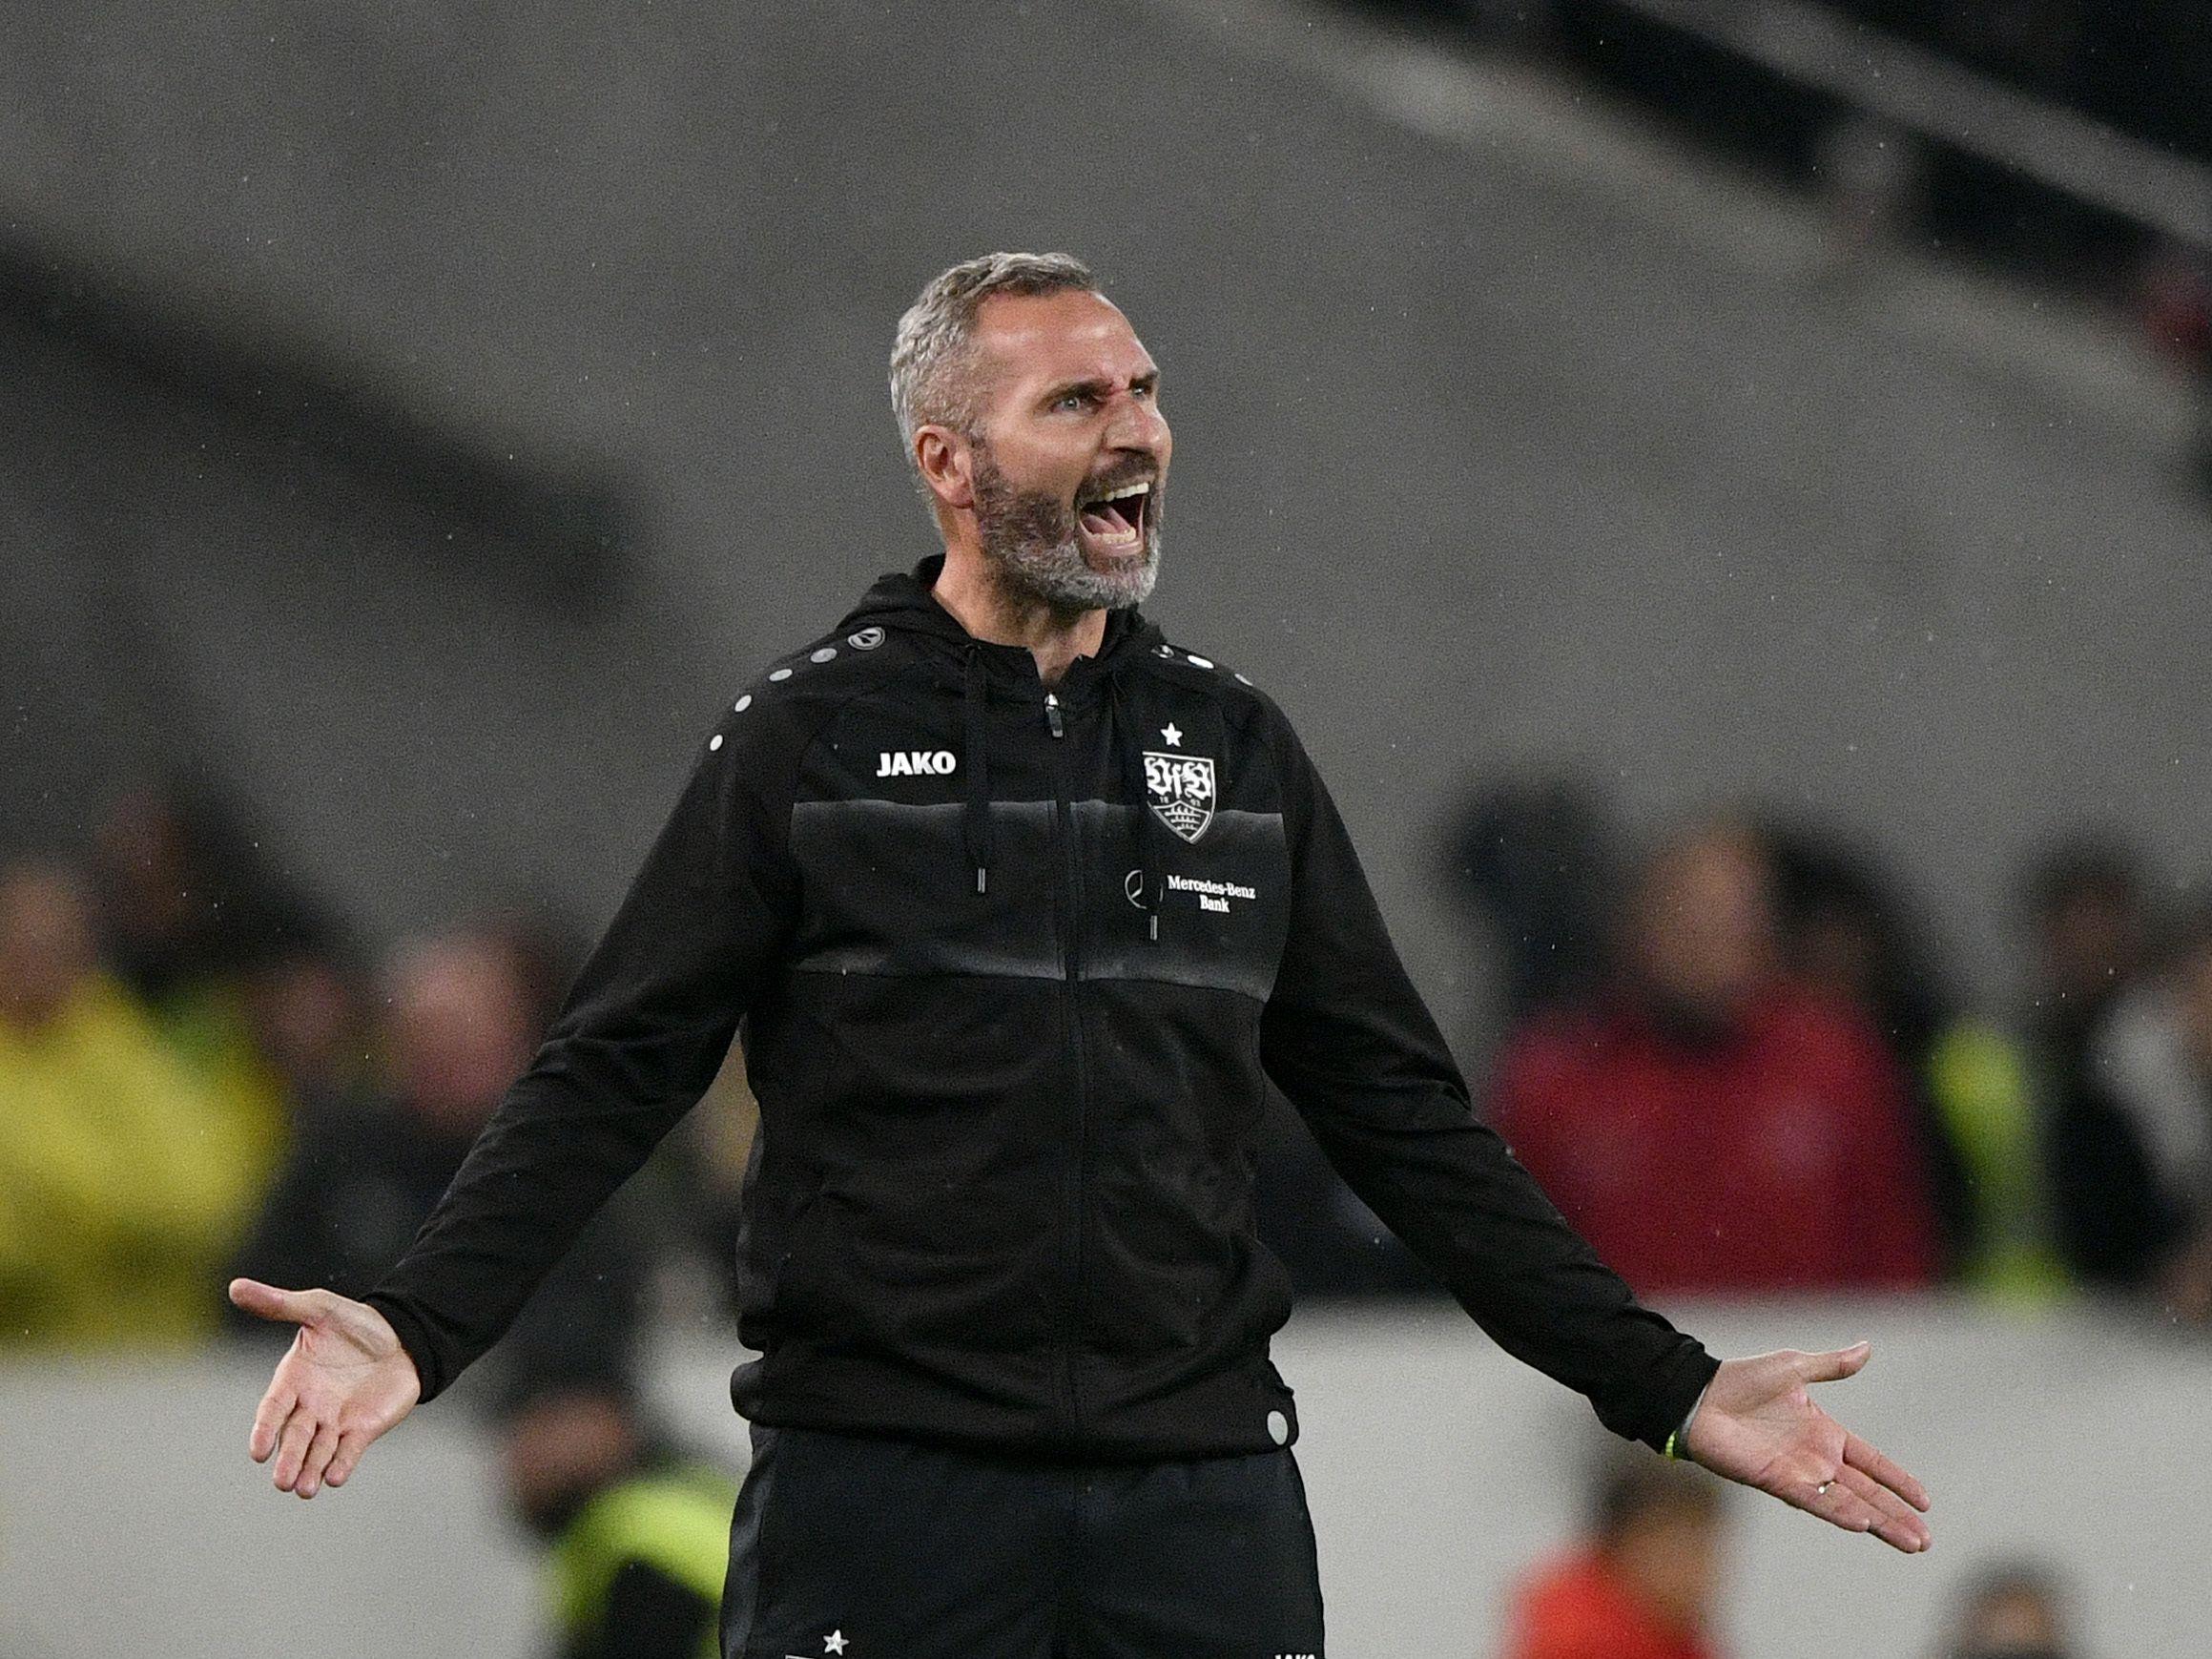 Ernüchtert: Stuttgarts Trainer Tim Walter war mit dem Auftritt seiner Mannschaft nicht zufrieden, bleibt aber optimistisch.